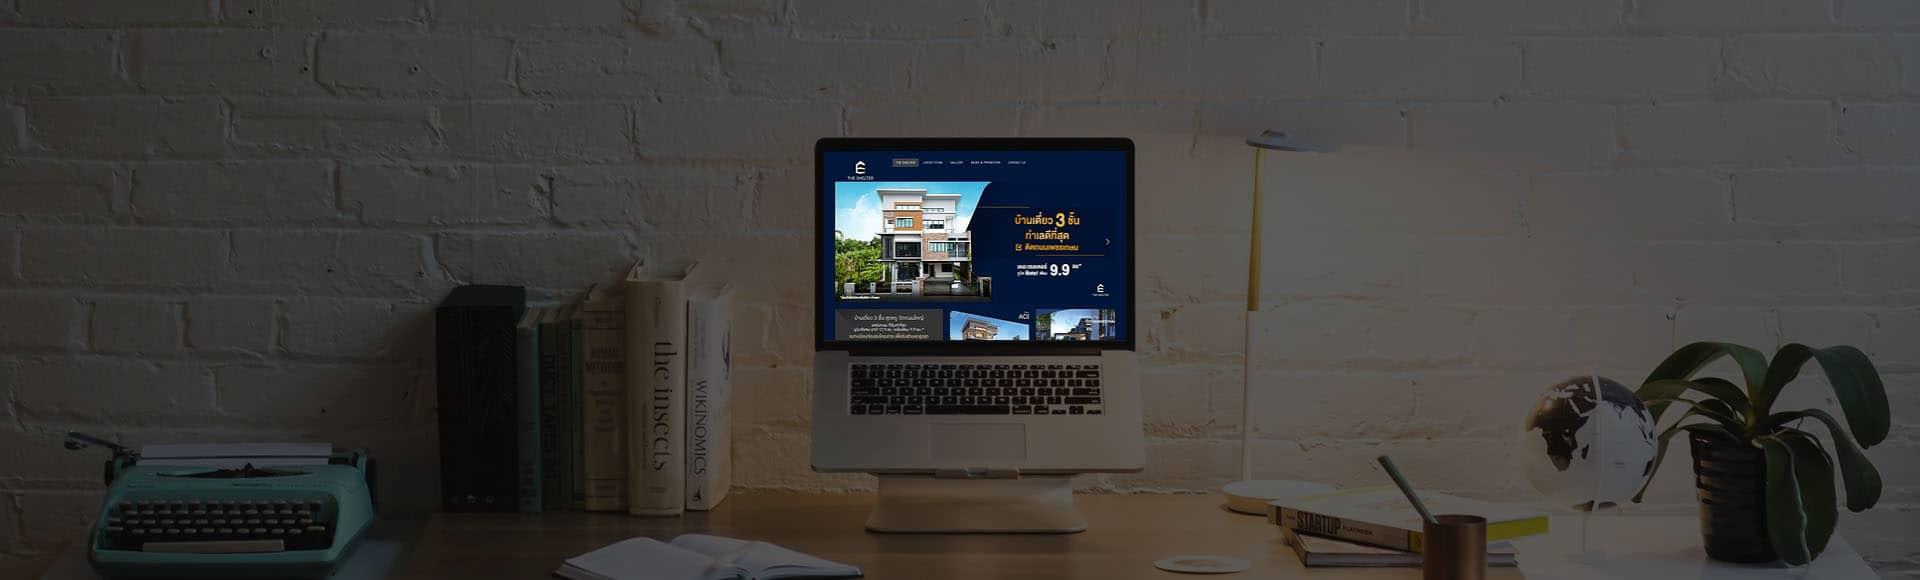 เว็บไซต์บริษัทพร็อพเพอร์ตี้ | บริการรับทำเว็บไซต์ ออกแบบเว็บไซต์